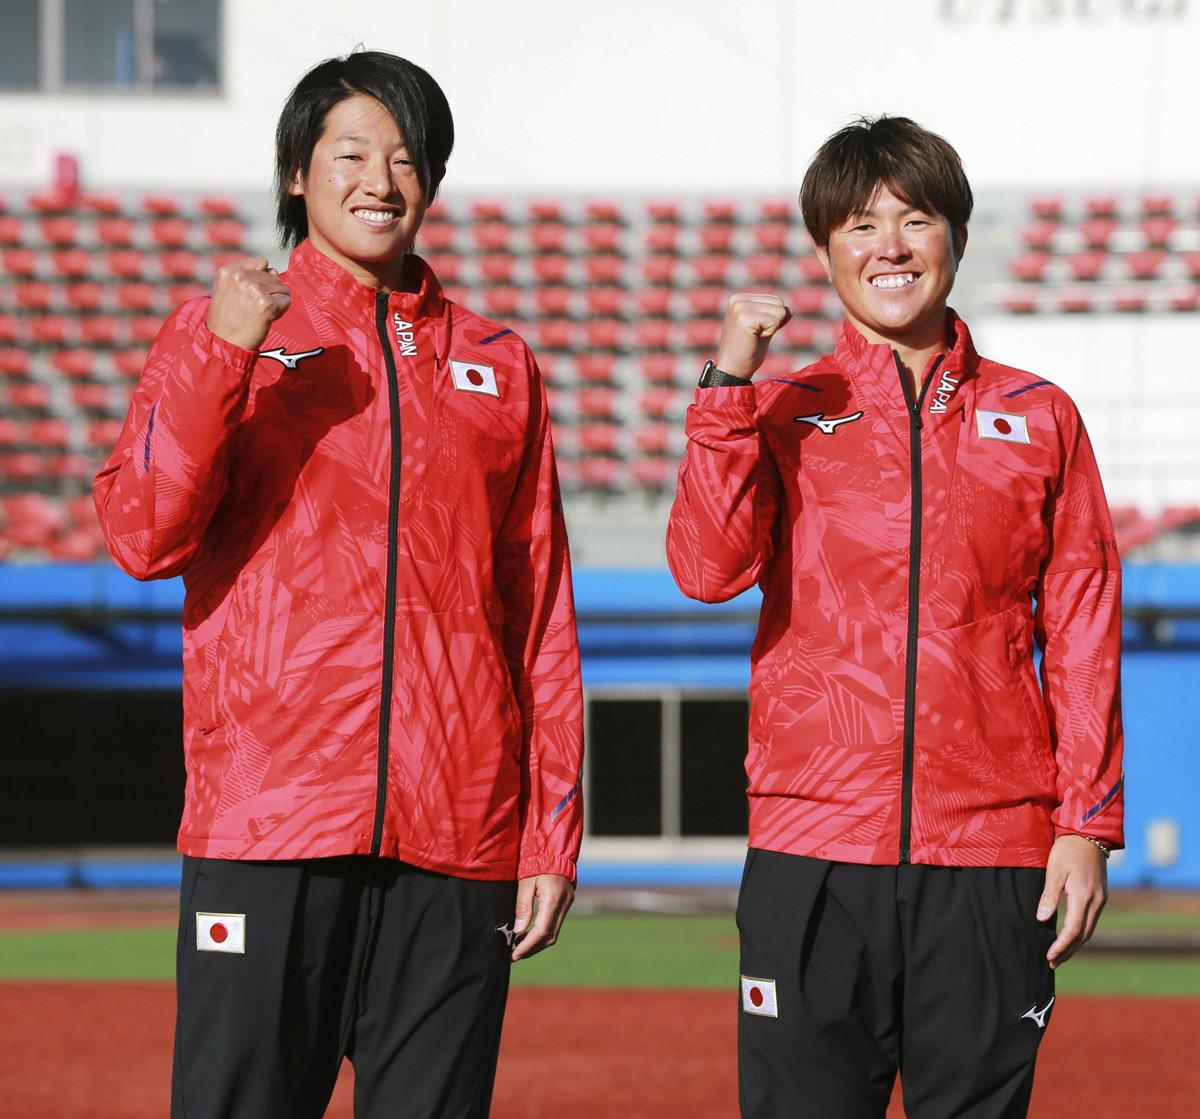 金メダル獲得へ向けて、投手の2本柱として活躍が期待される上野(写真左)と藤田